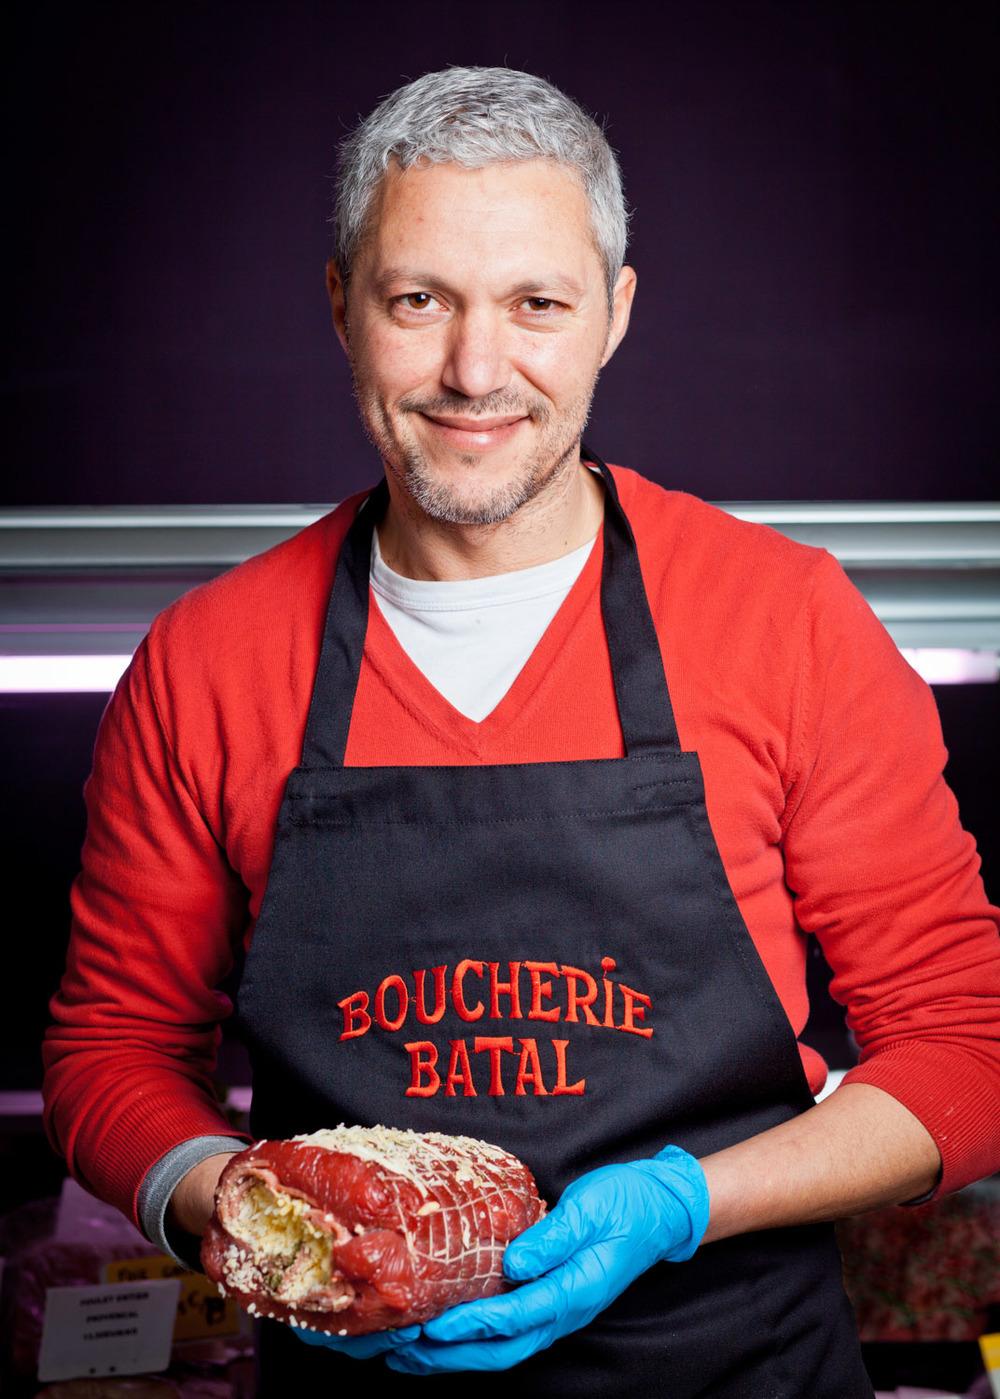 portrait butcher